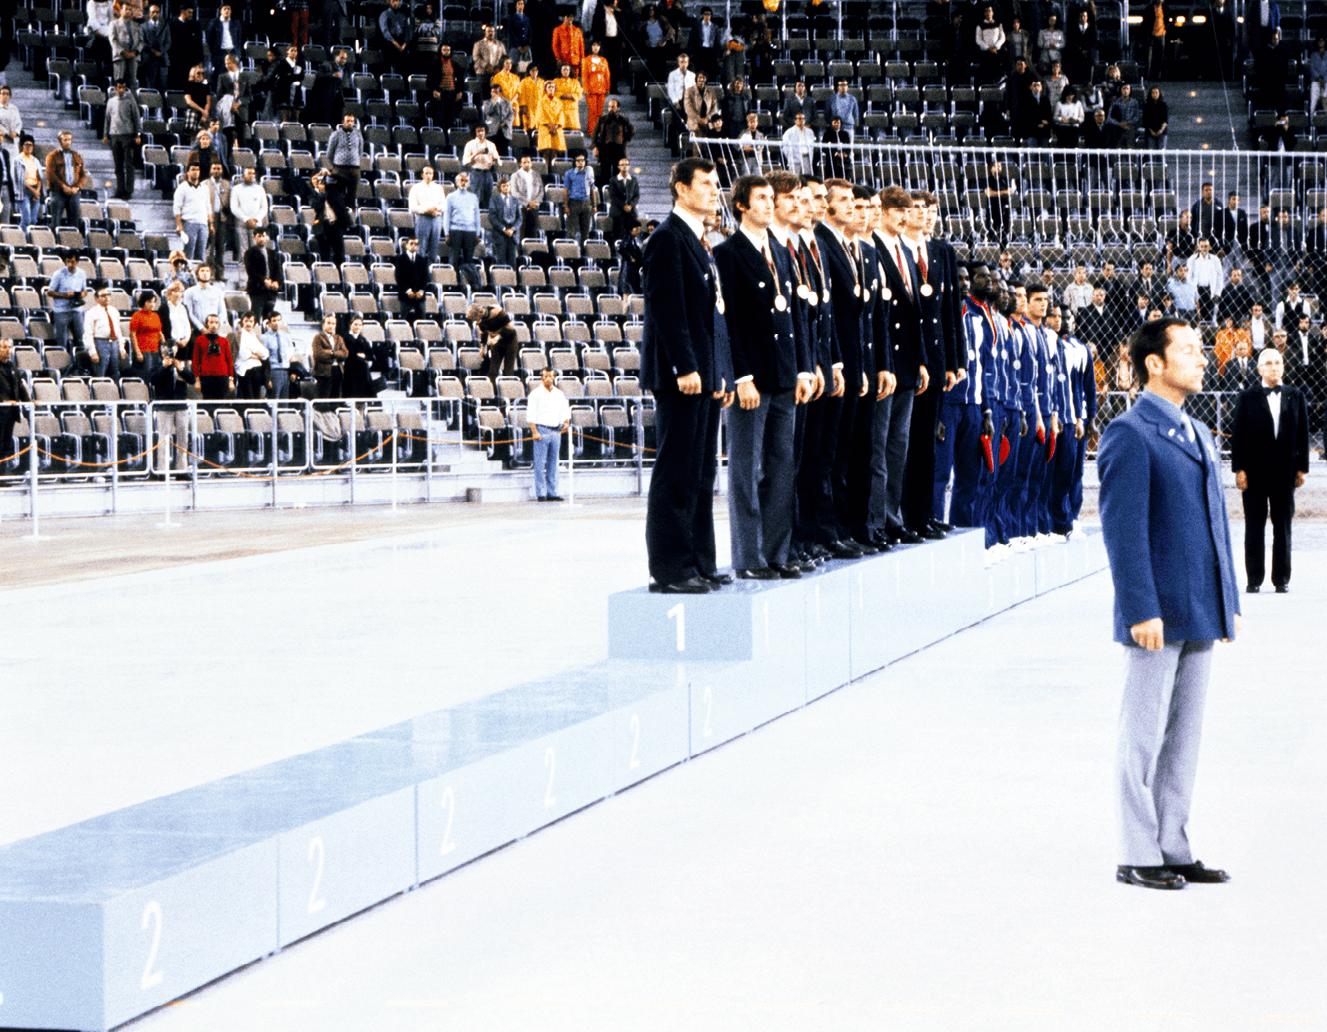 Les basketteurs américains refusent de monter sur le podium après leur défaite contestée lors de la finale contre les Soviétiques, 10 septembre 1972, photographie anonyme.